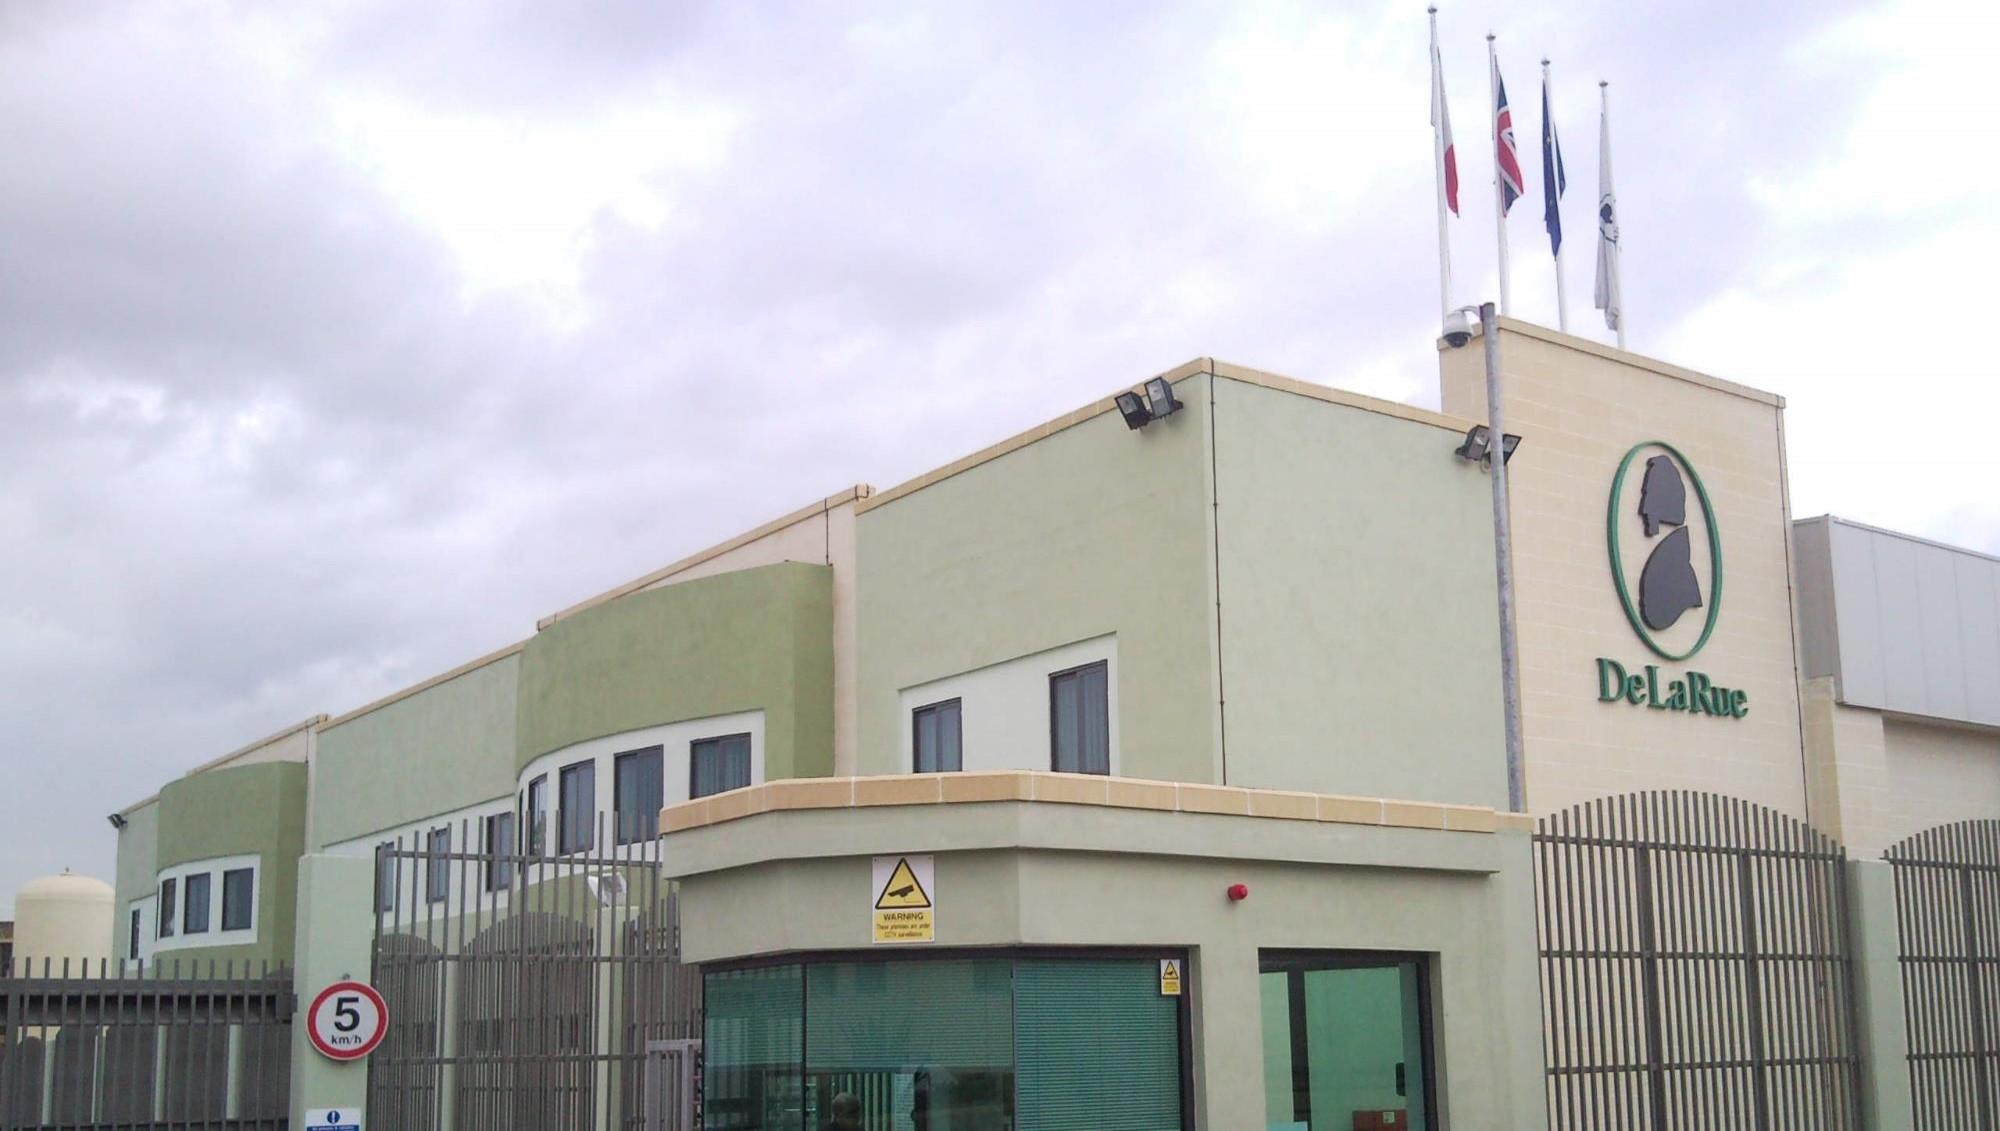 https://cdn2.hubspot.net/hubfs/2752422/Malta.jpg